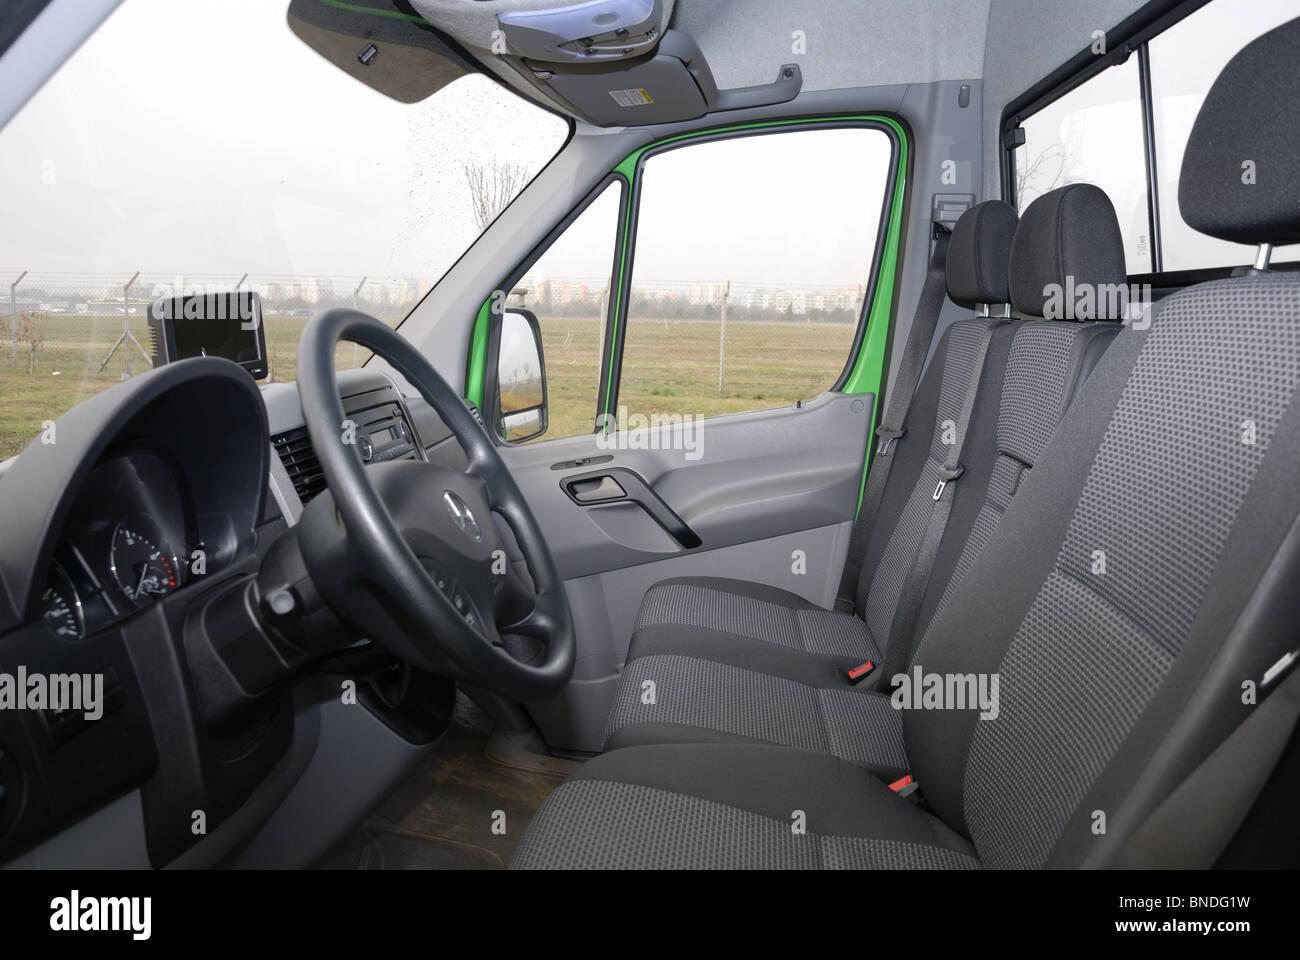 http://c8.alamy.com/compde/bndg1w/mercedes-benz-sprinter-260-cdi-van-grun-l3h2-deutsch-mcv-van-interieur-kabine-sitze-und-armaturenbrett-bndg1w.jpg